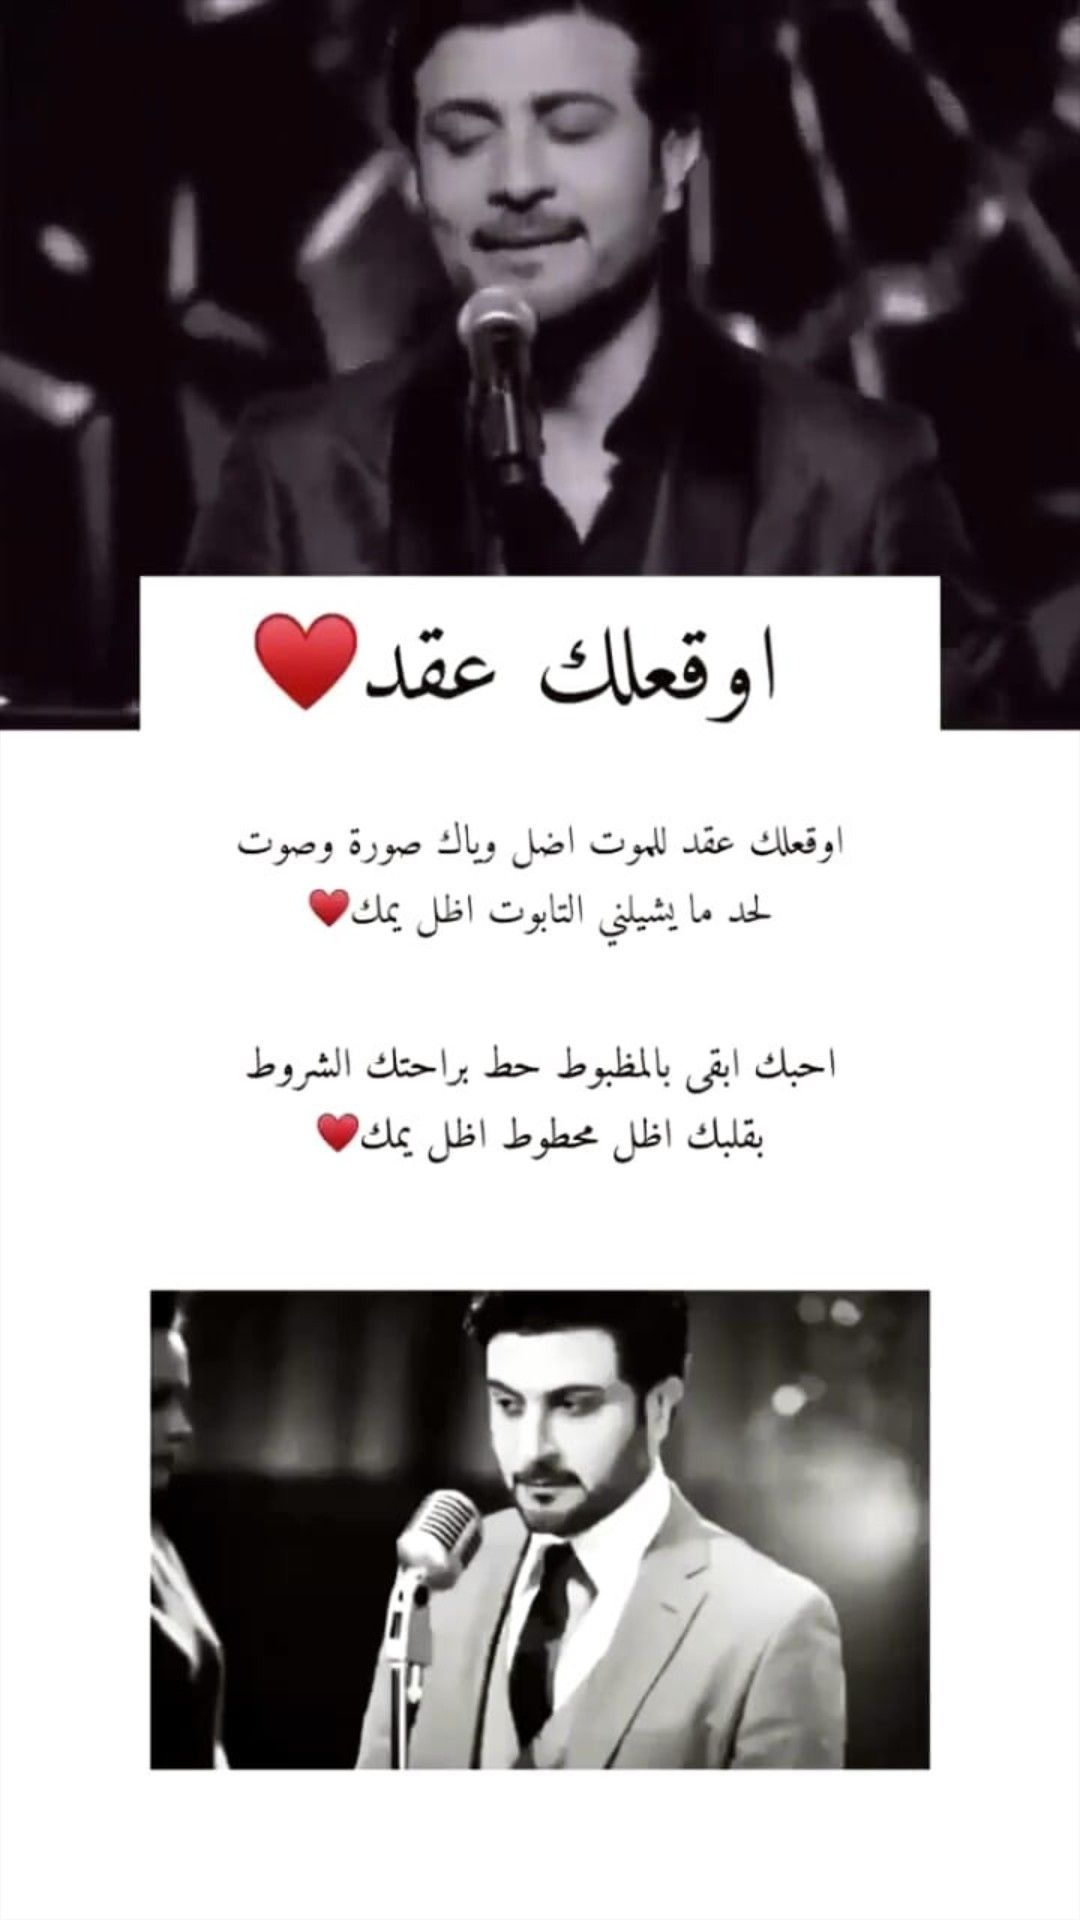 """اقتباسات ومشاعر"""" by Ey Arabic love quotes, Funny arabic"""